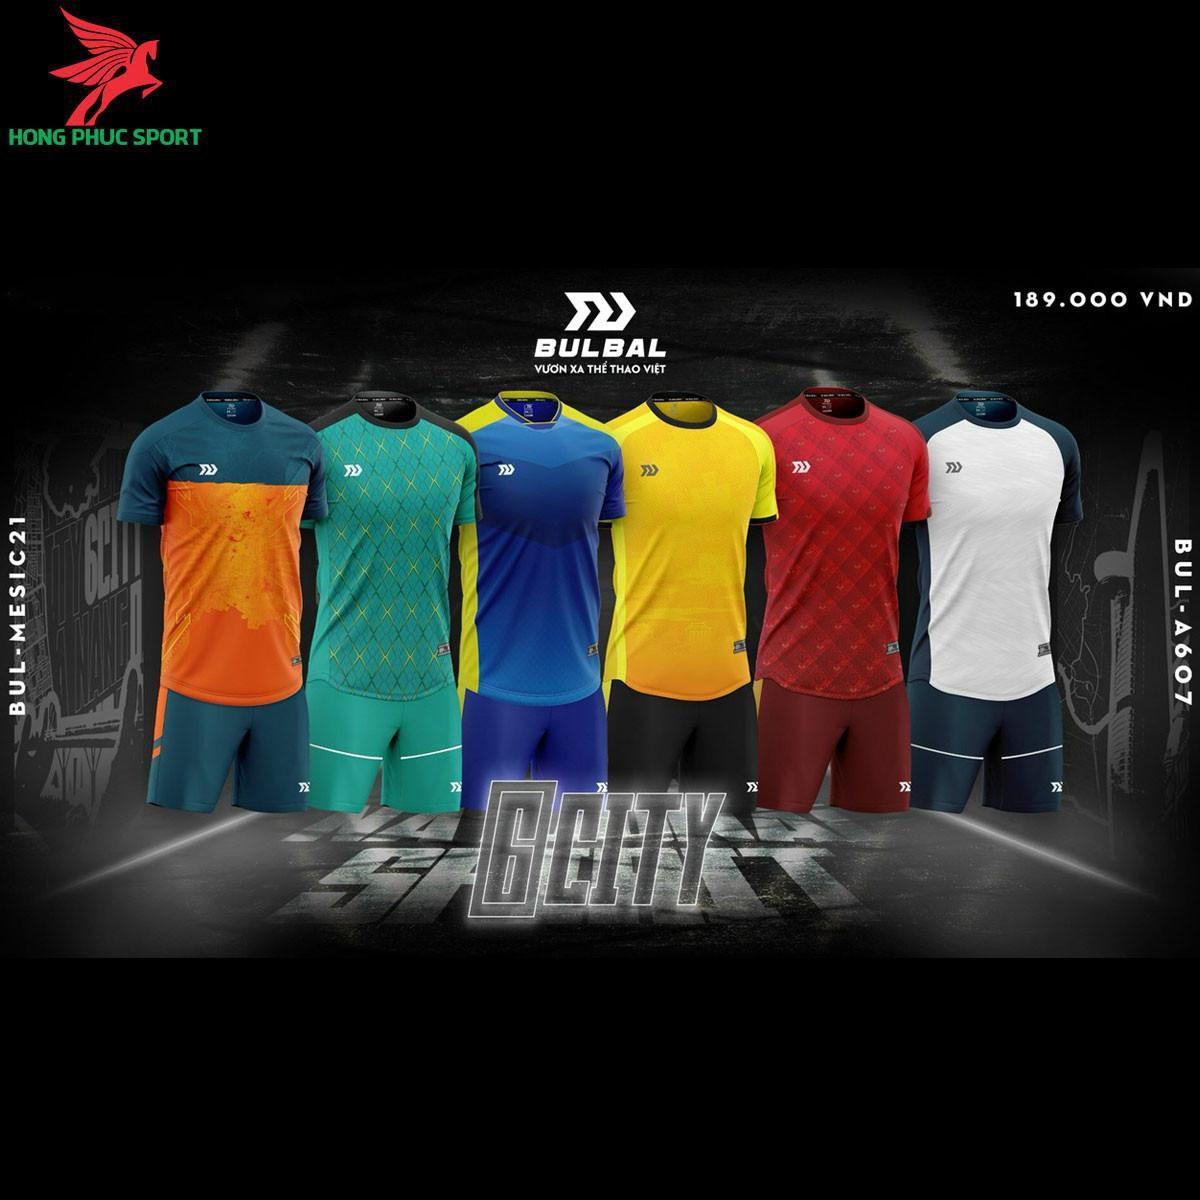 https://cdn.hongphucsport.com/unsafe/s4.shopbay.vn/files/285/ao-bong-da-khong-logo-bulbal-6city-1-6047307b64fd4.jpg